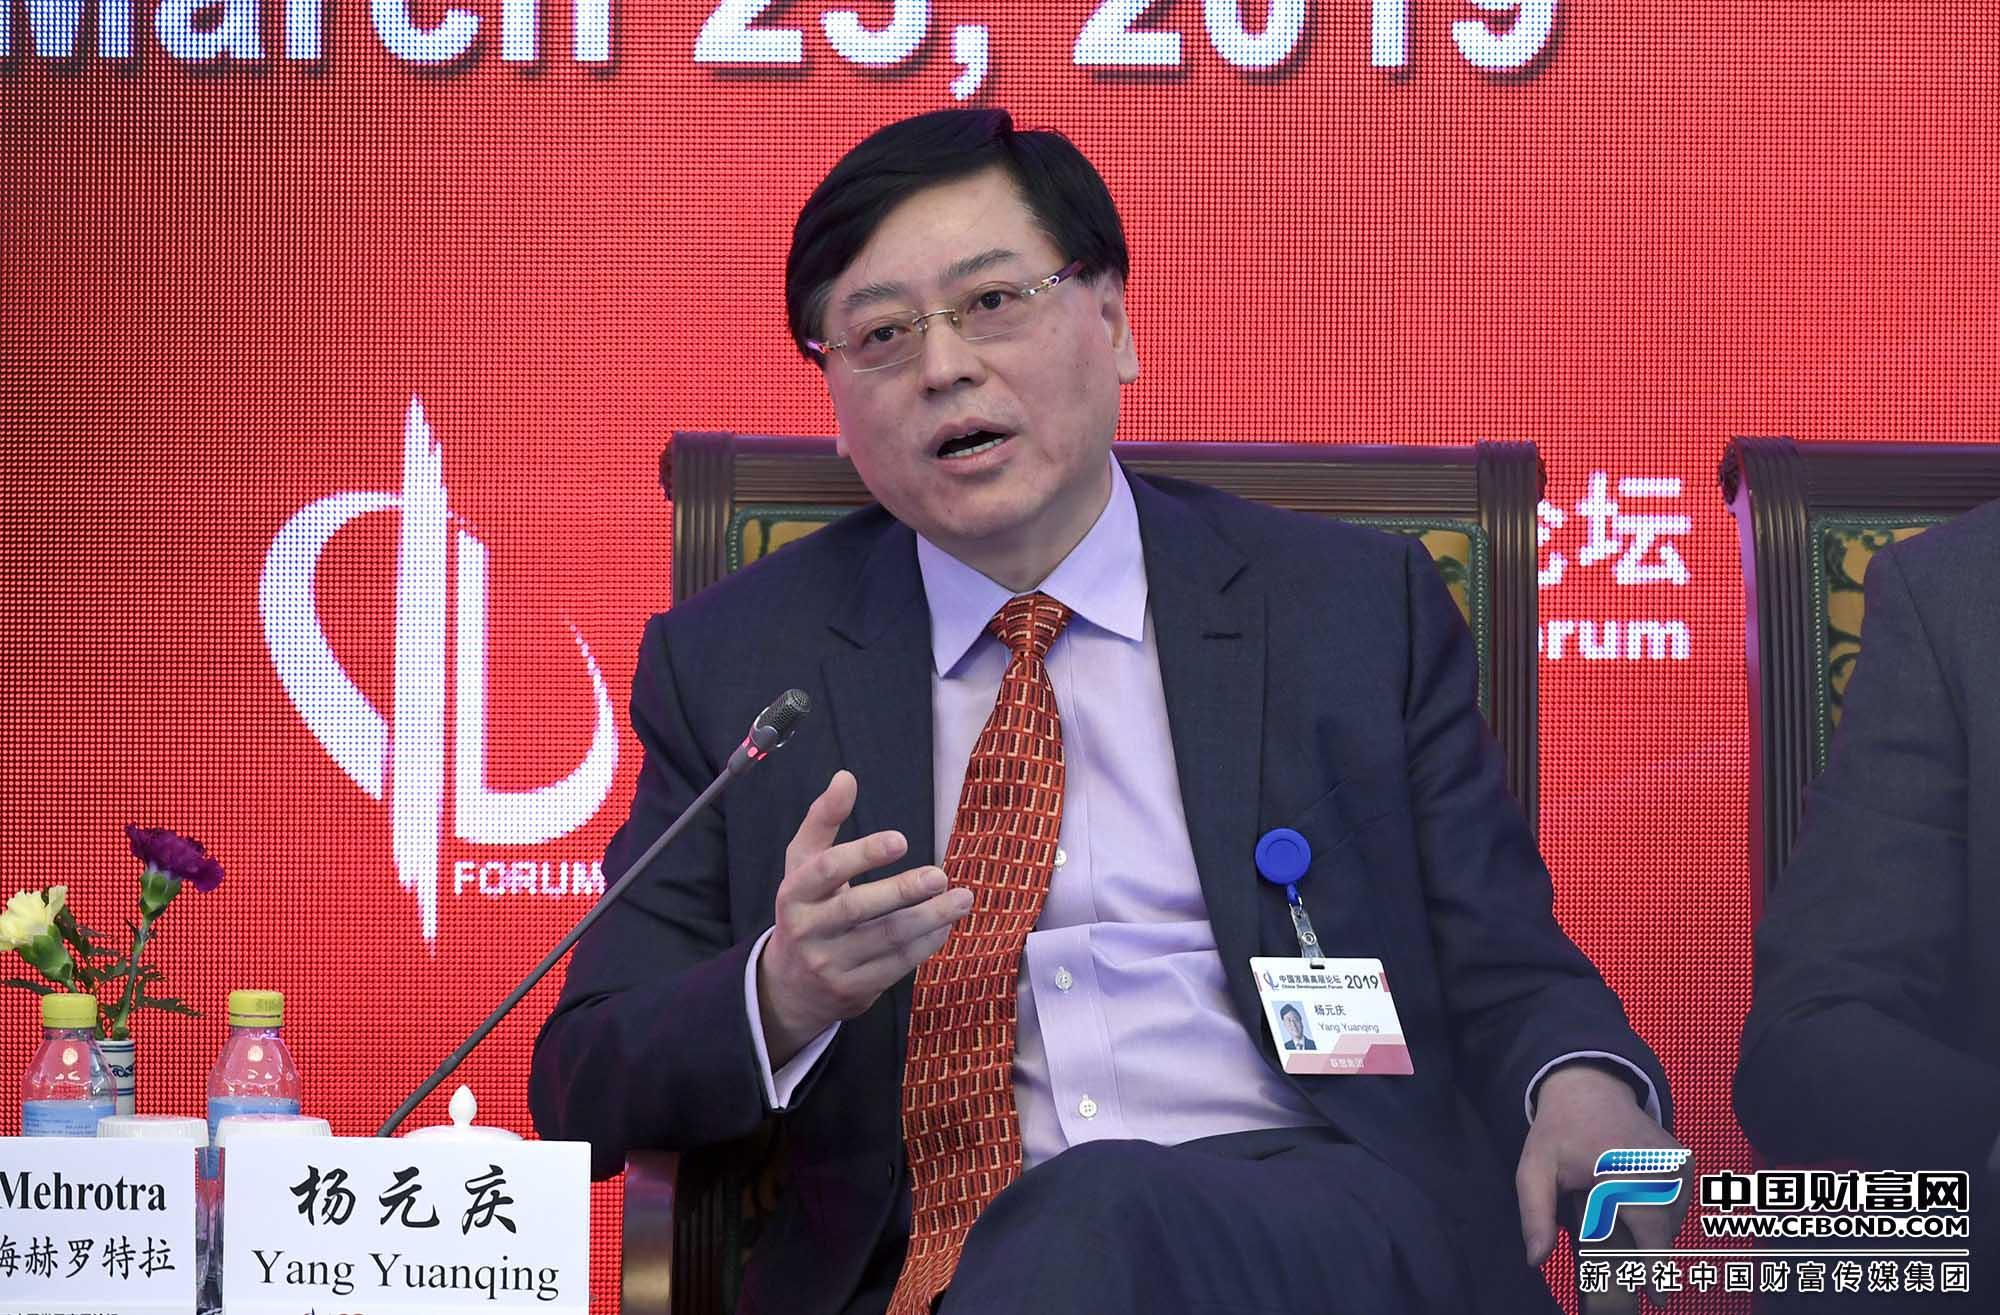 联想集团董事长兼首席执行官杨元庆回答提问